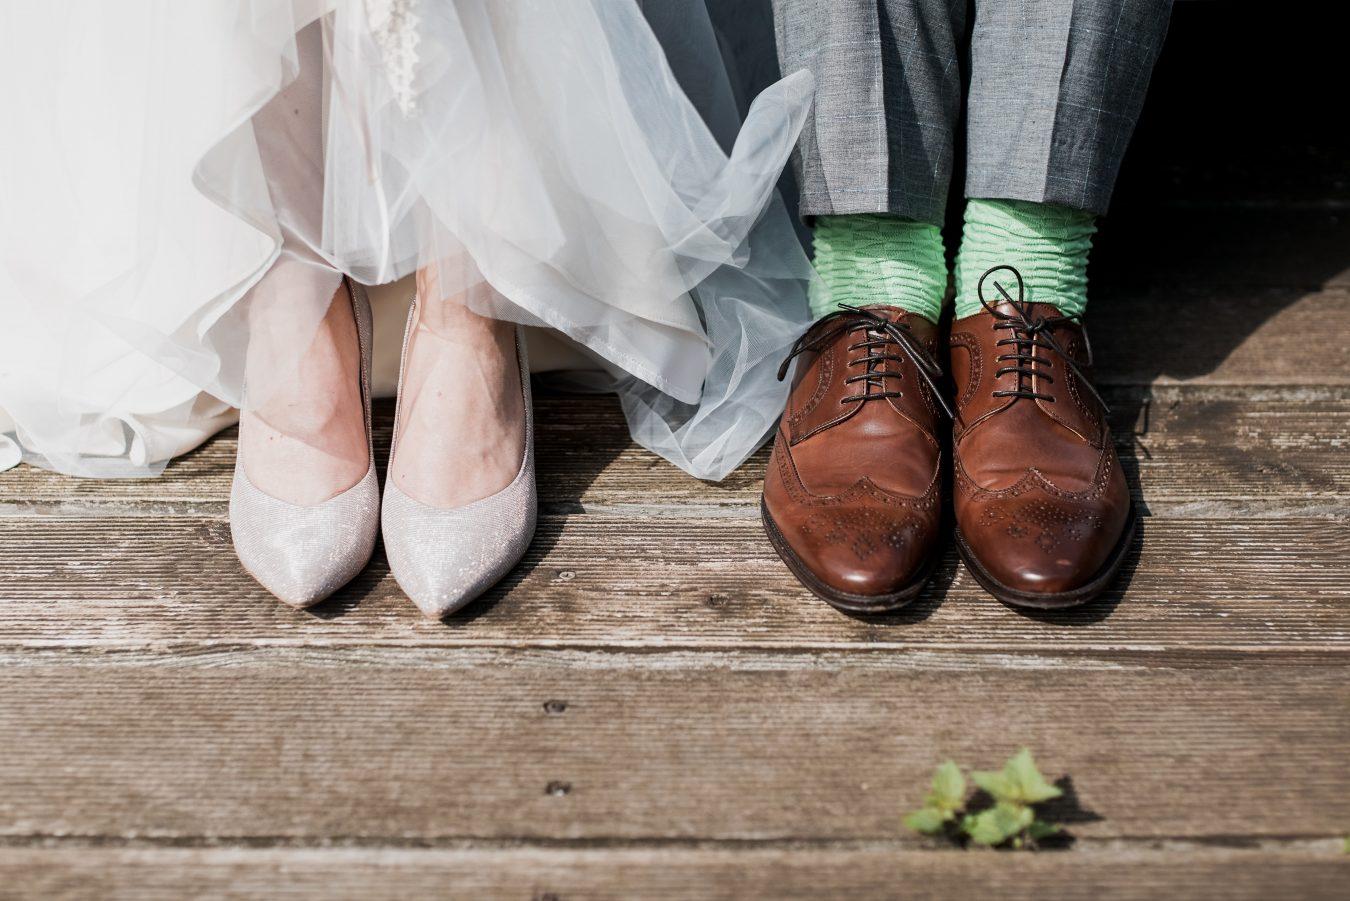 svatba-v-biznes-hotel